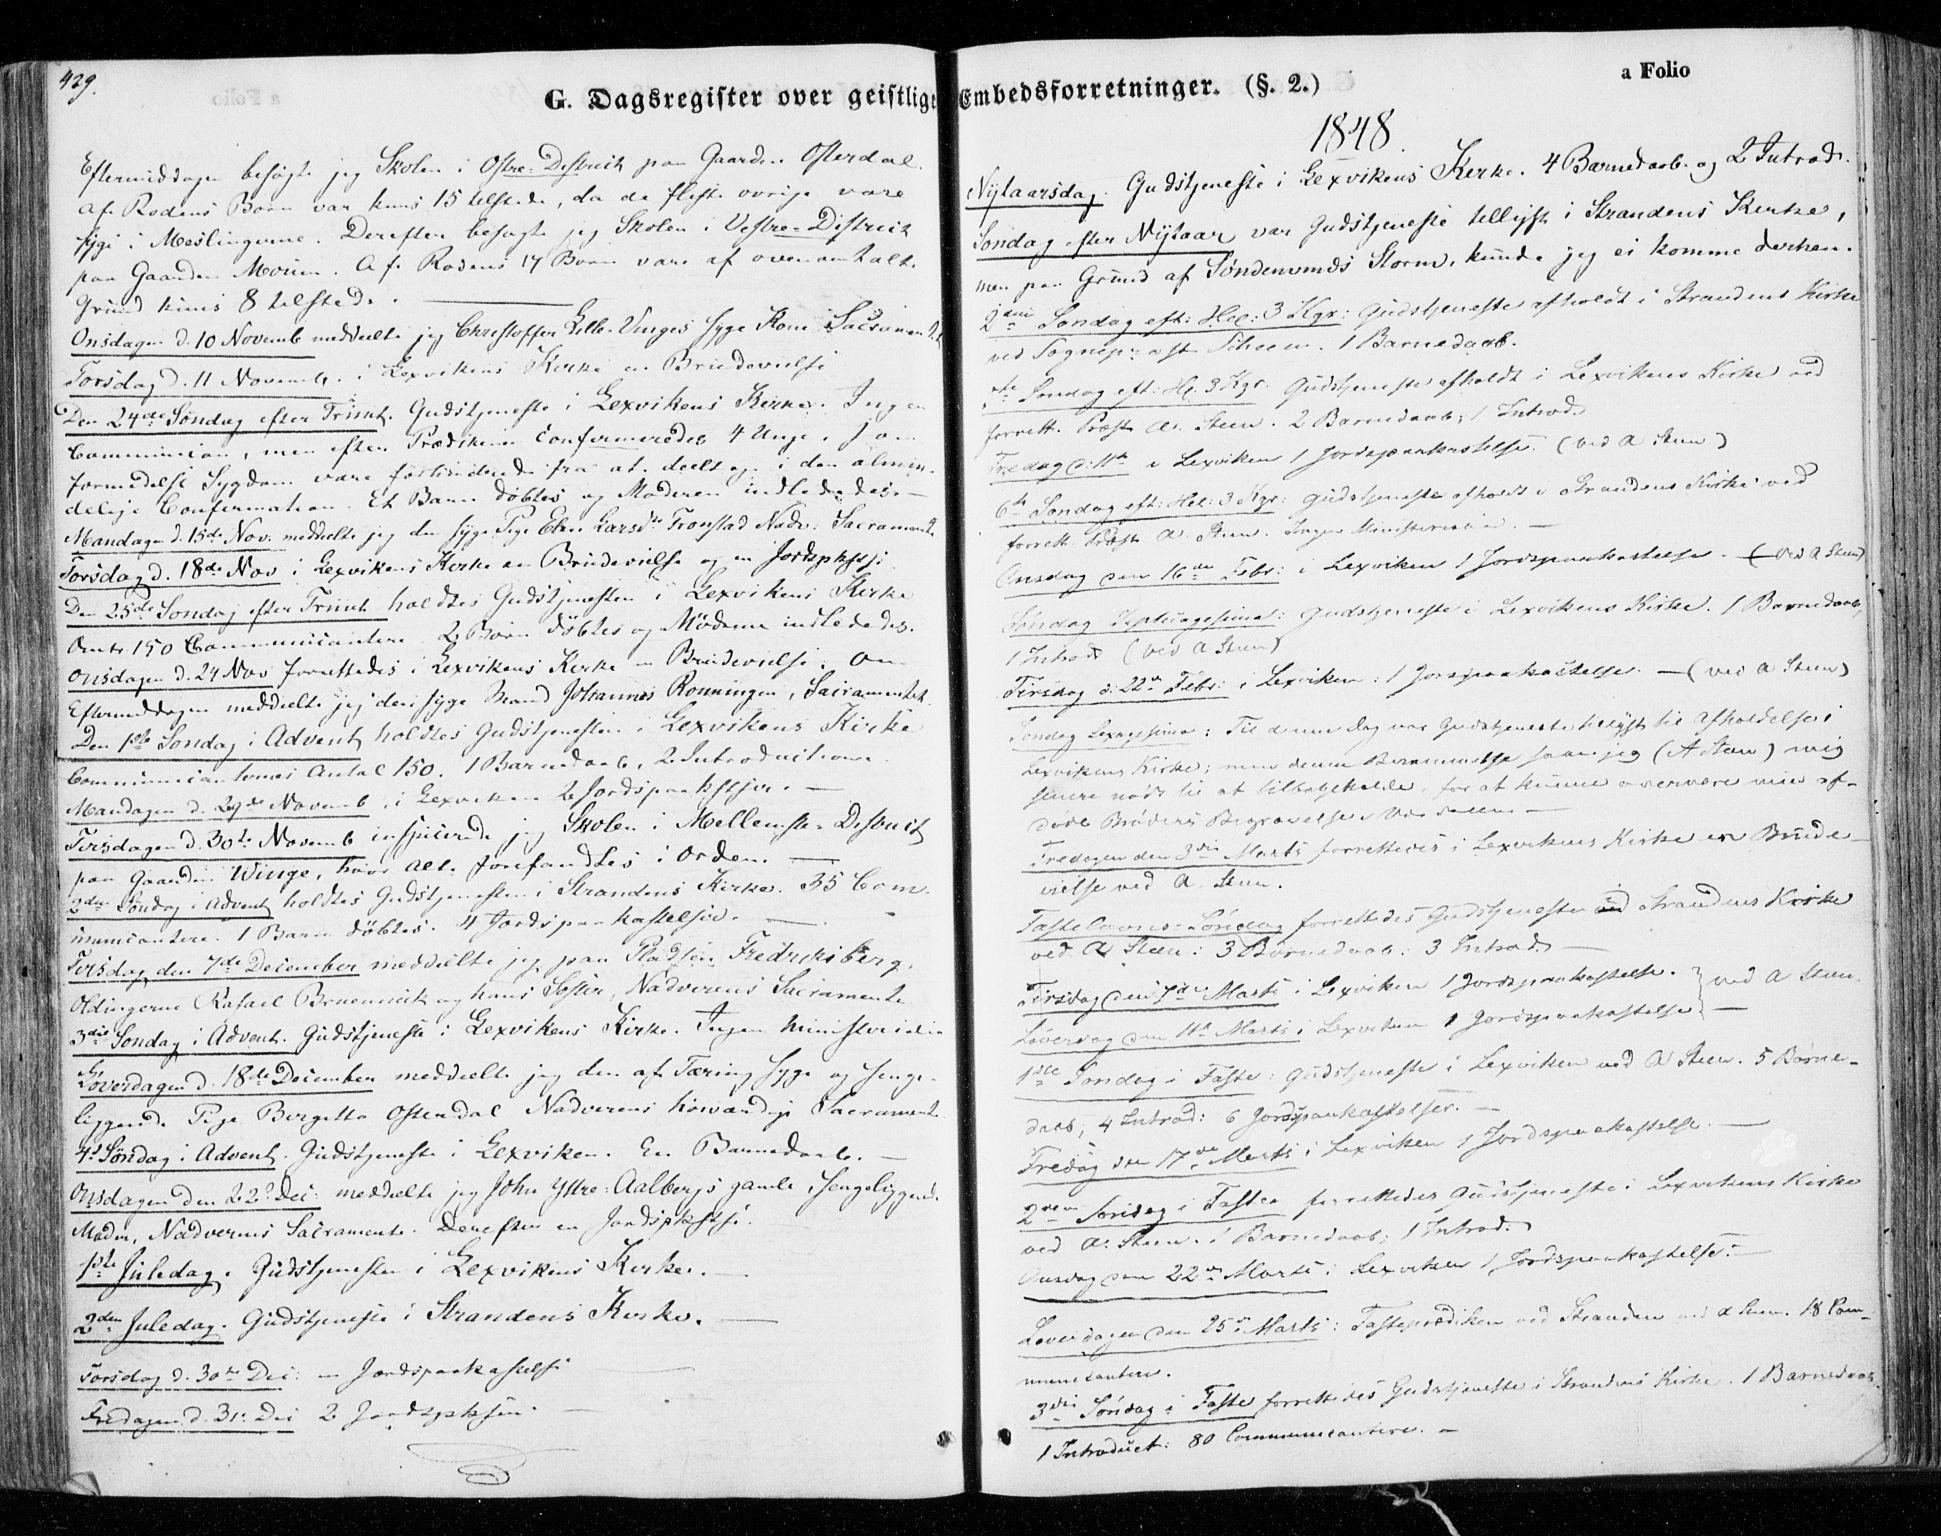 SAT, Ministerialprotokoller, klokkerbøker og fødselsregistre - Nord-Trøndelag, 701/L0007: Ministerialbok nr. 701A07 /1, 1842-1854, s. 429